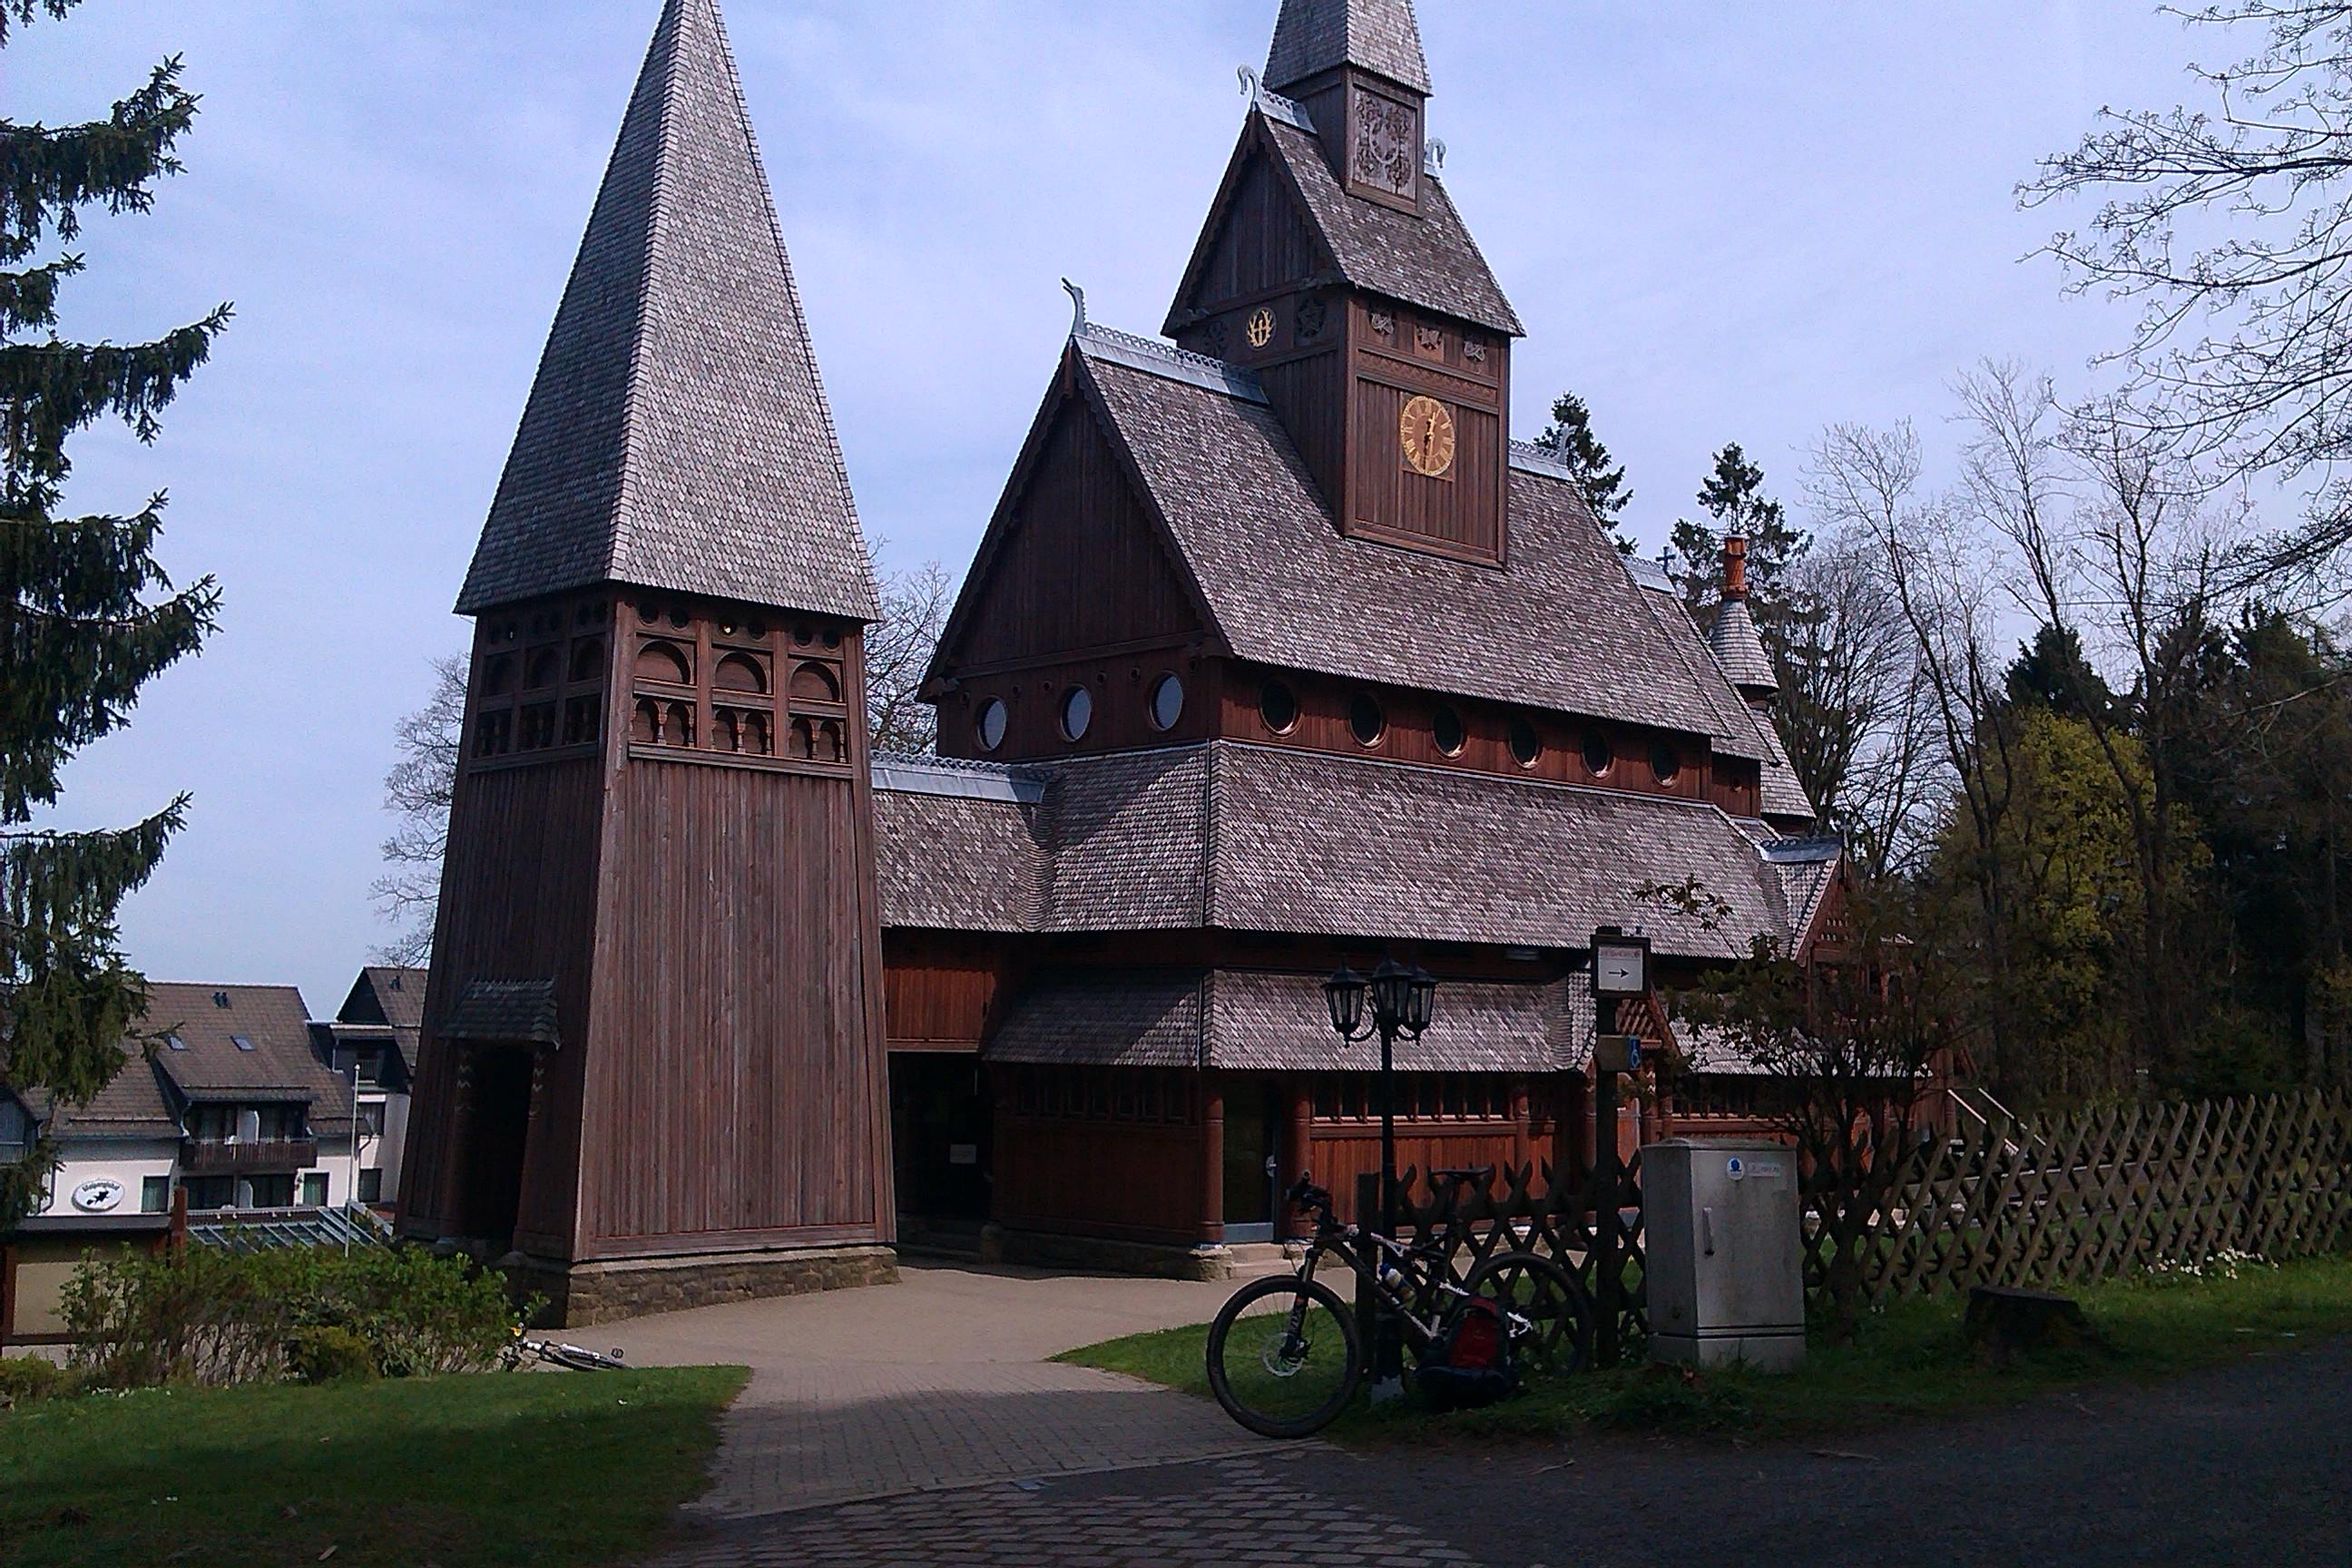 Die Stabholzkirche in Hahnenklee. Ein Muß wenn man schon mal in der Gegend ist.